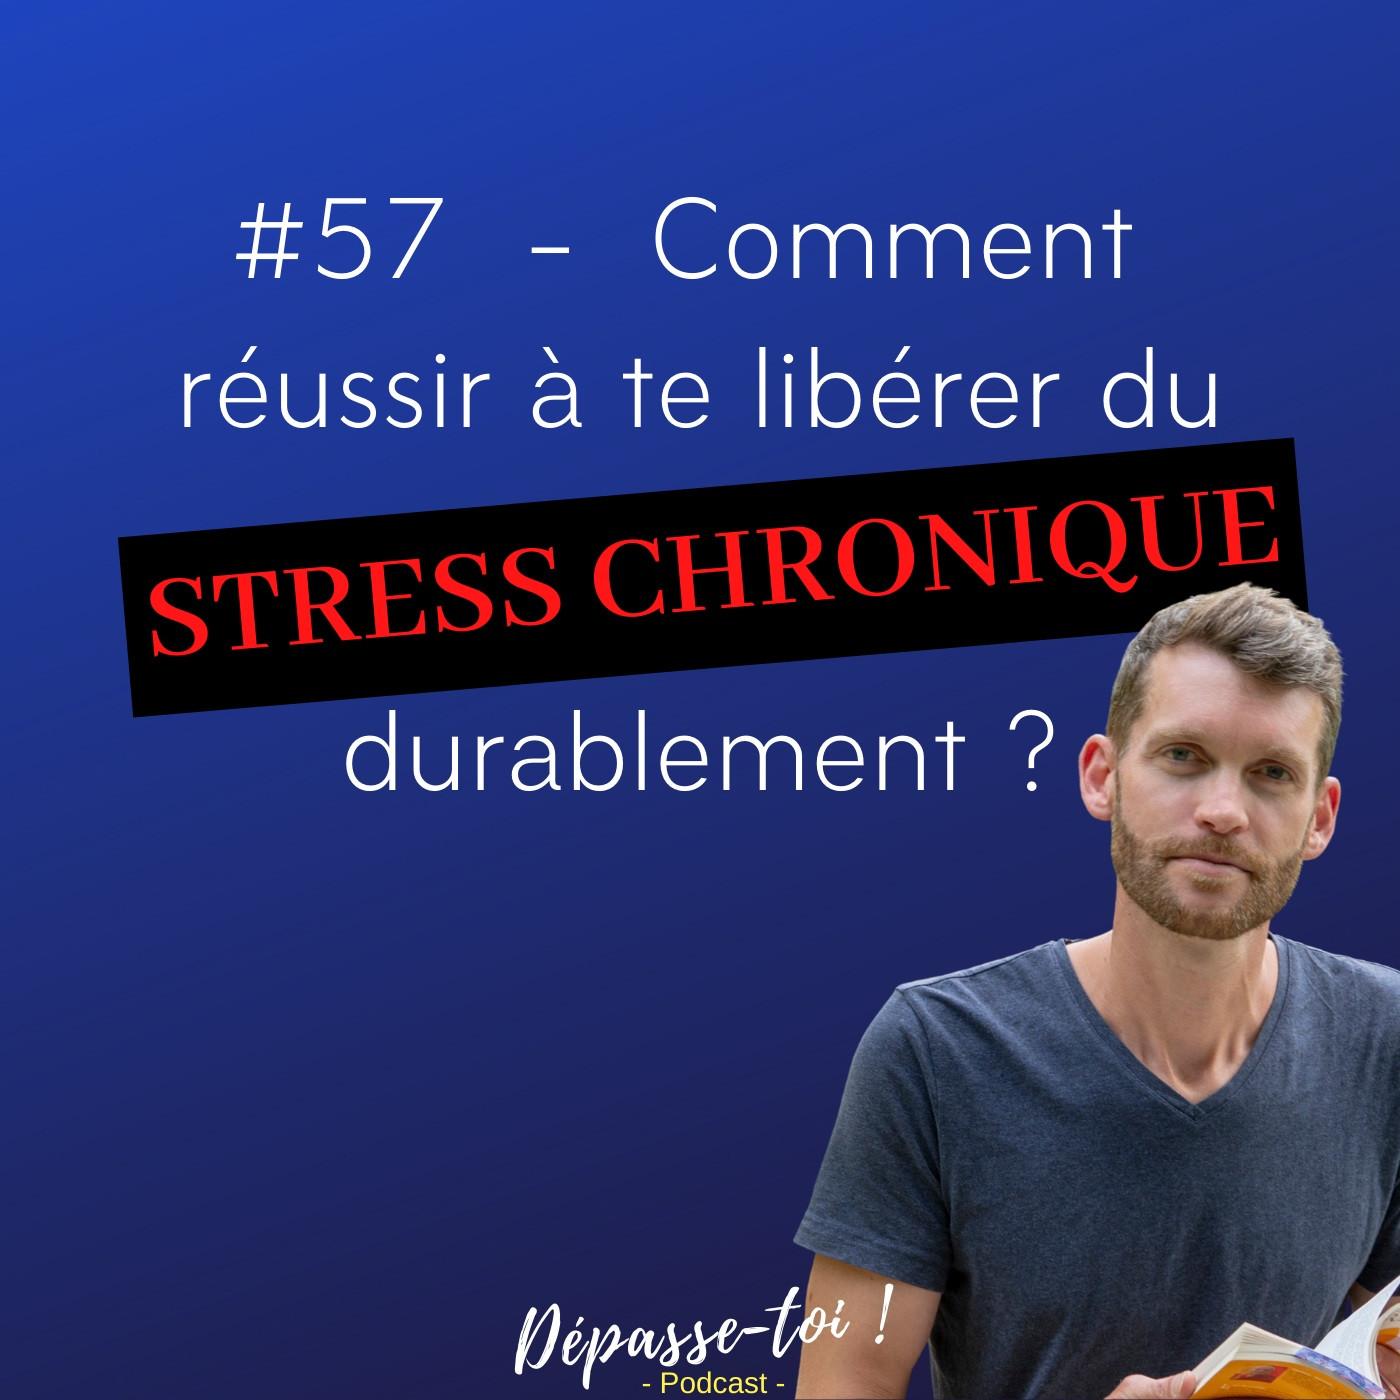 #57 - Comment te libérer du stress chronique durablement ?